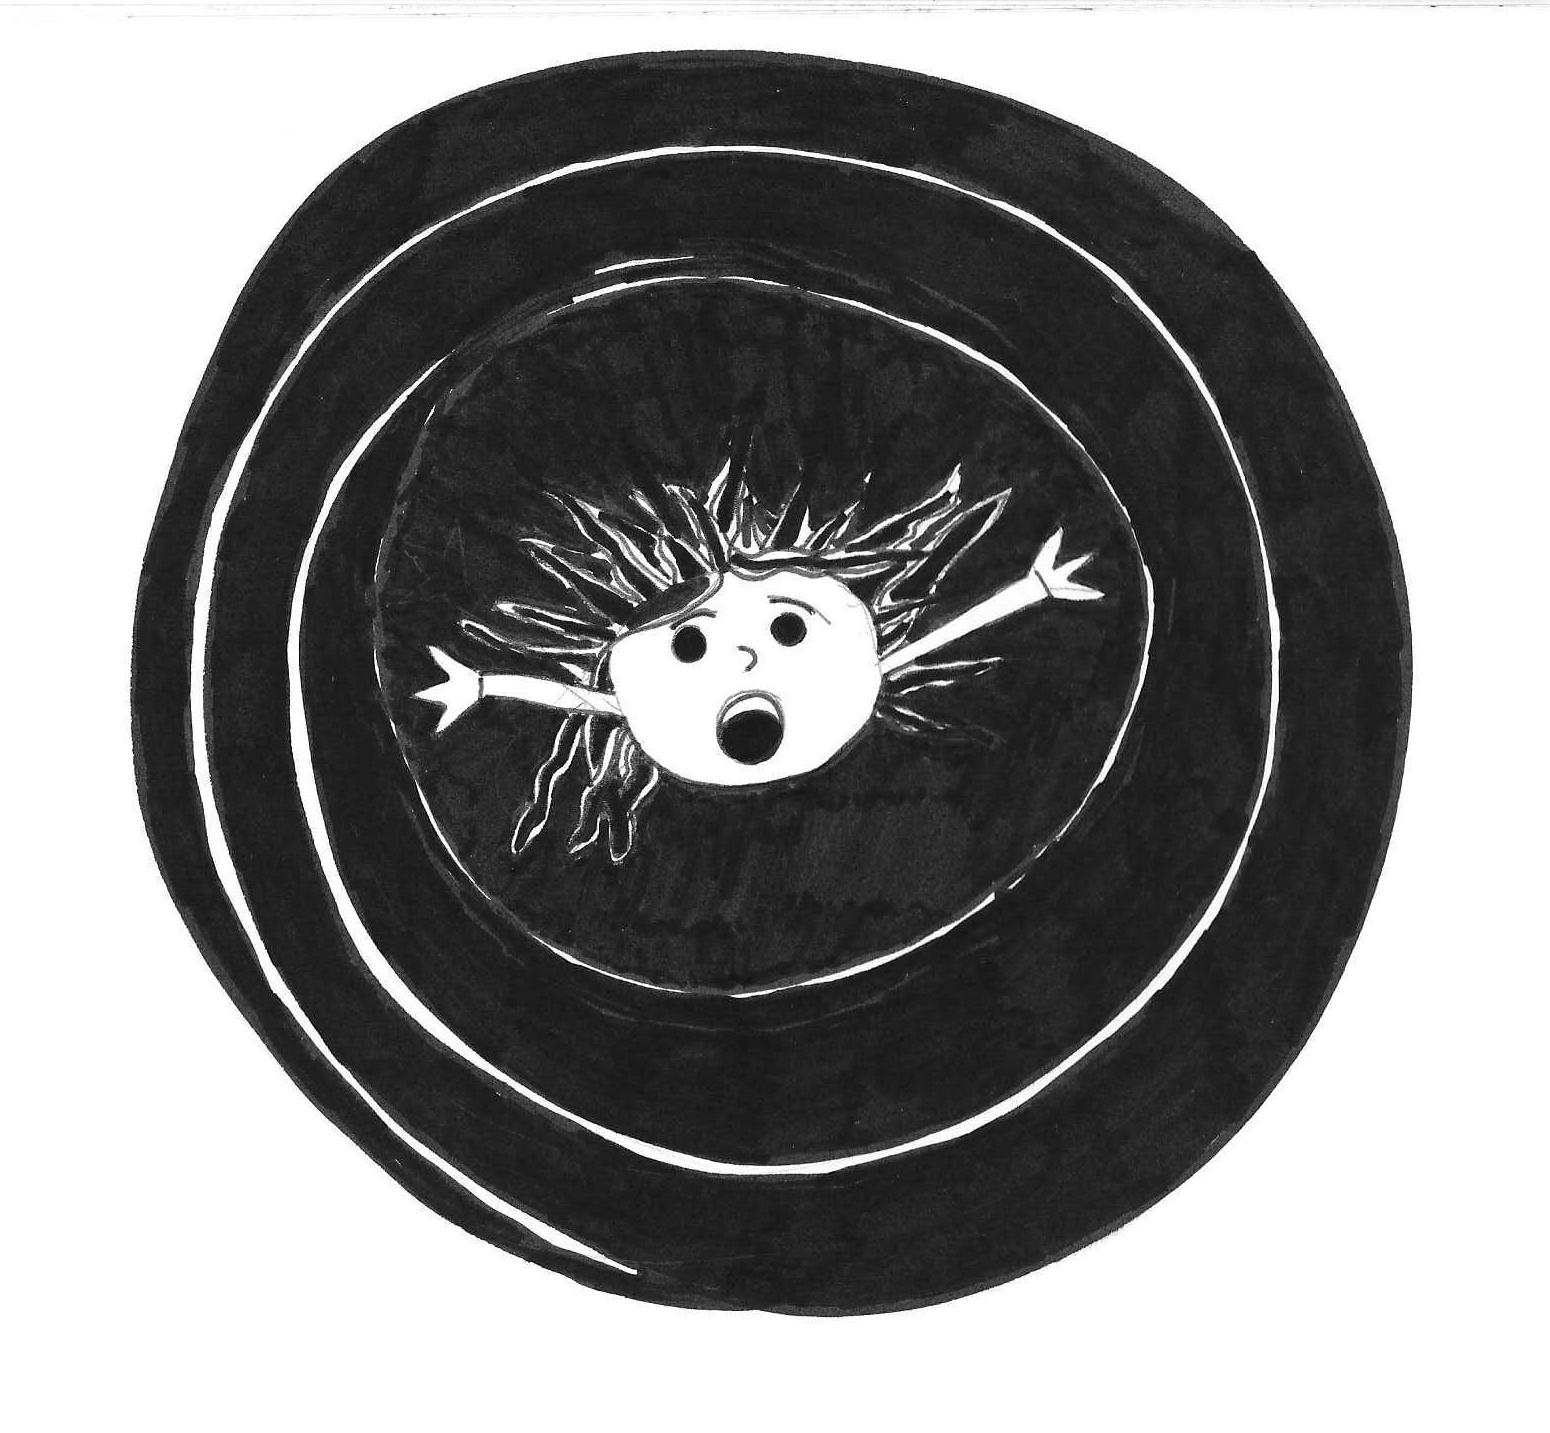 Burnout: a black hole